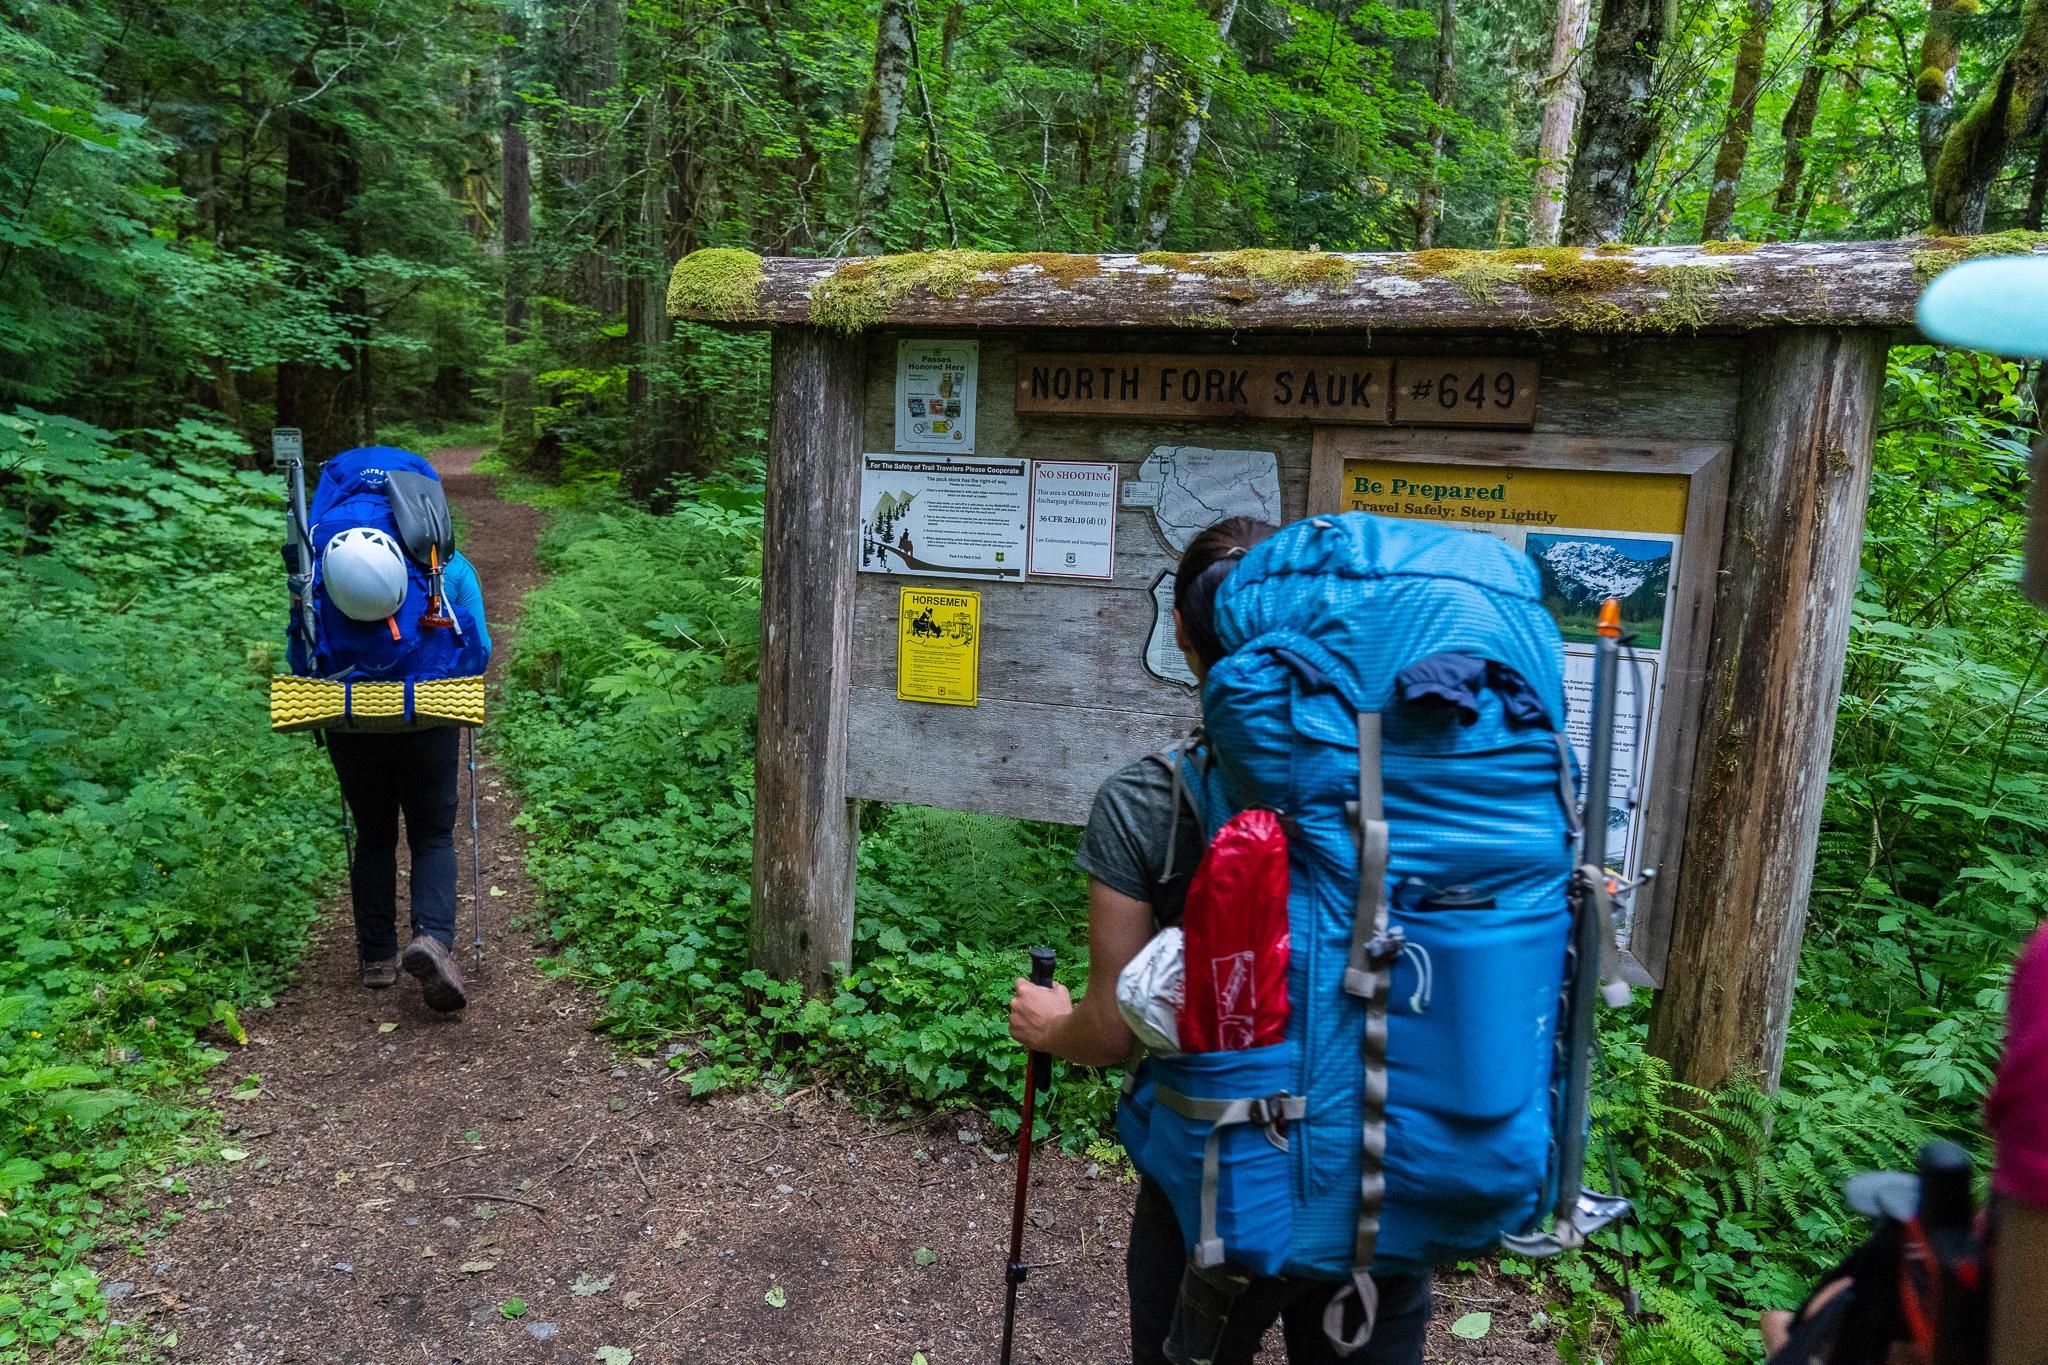 North Fork Sauk Trailhead